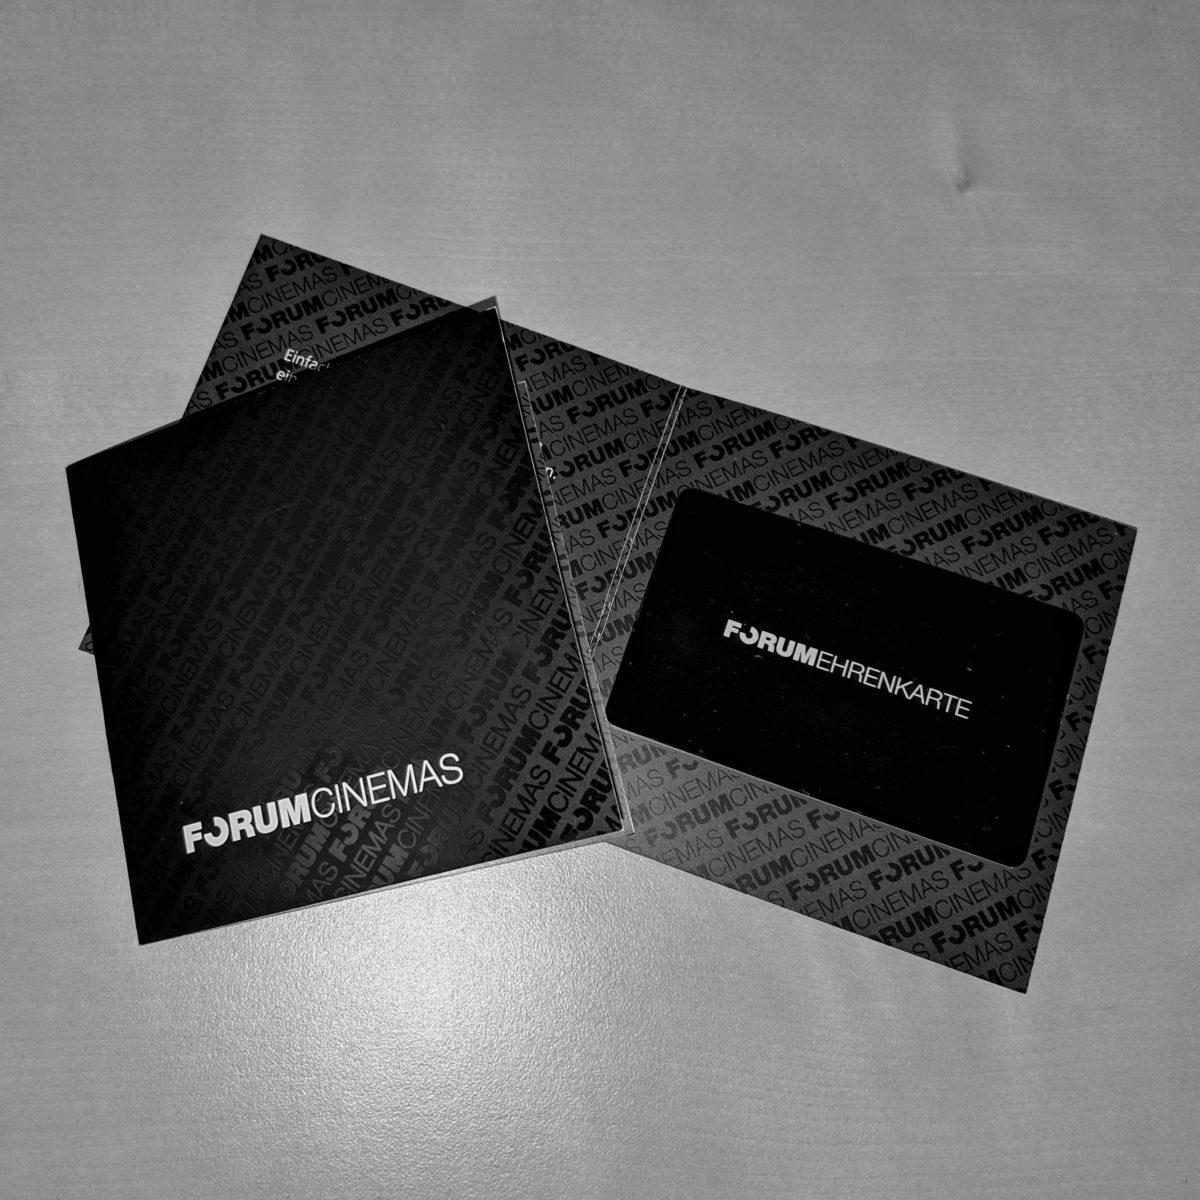 Ehrenkarten für's FORUM CINEMAS Rastatt zu gewinnen